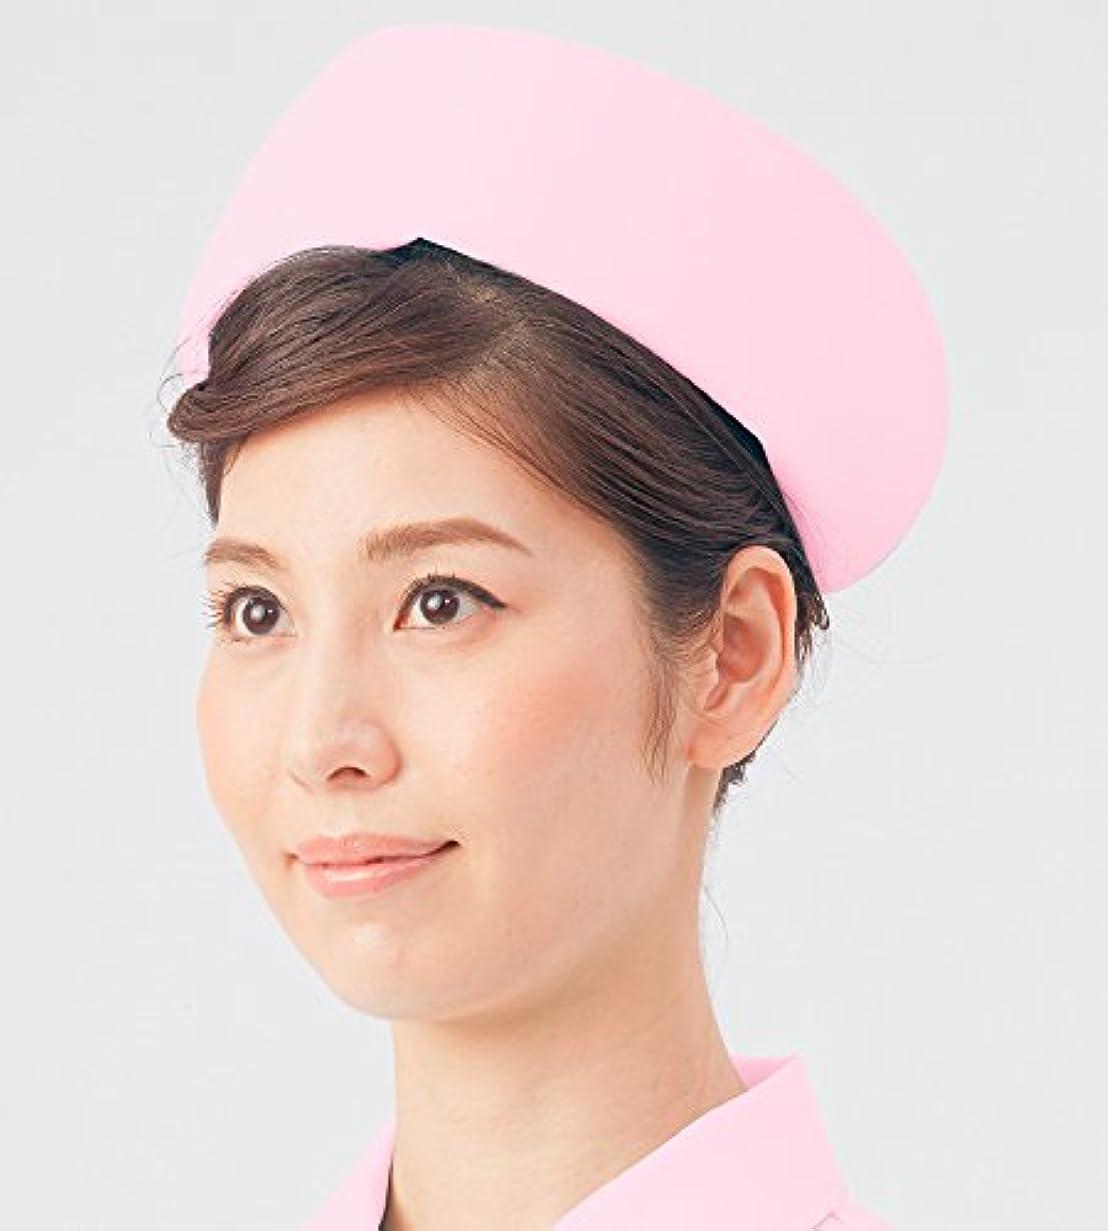 該当する渇きカートリッジナースキャップ 看護帽 医療 帽子 レディス70-163 ピンク F